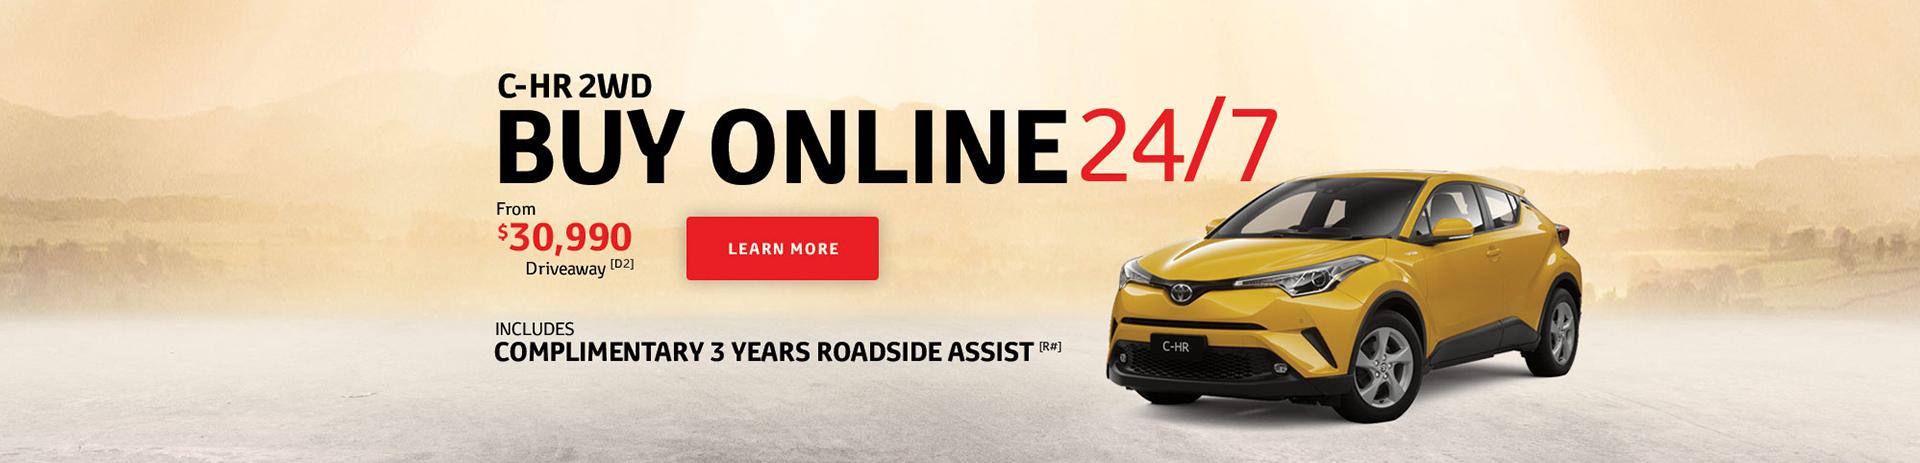 C-HR 2WD - Buy Online 24/7